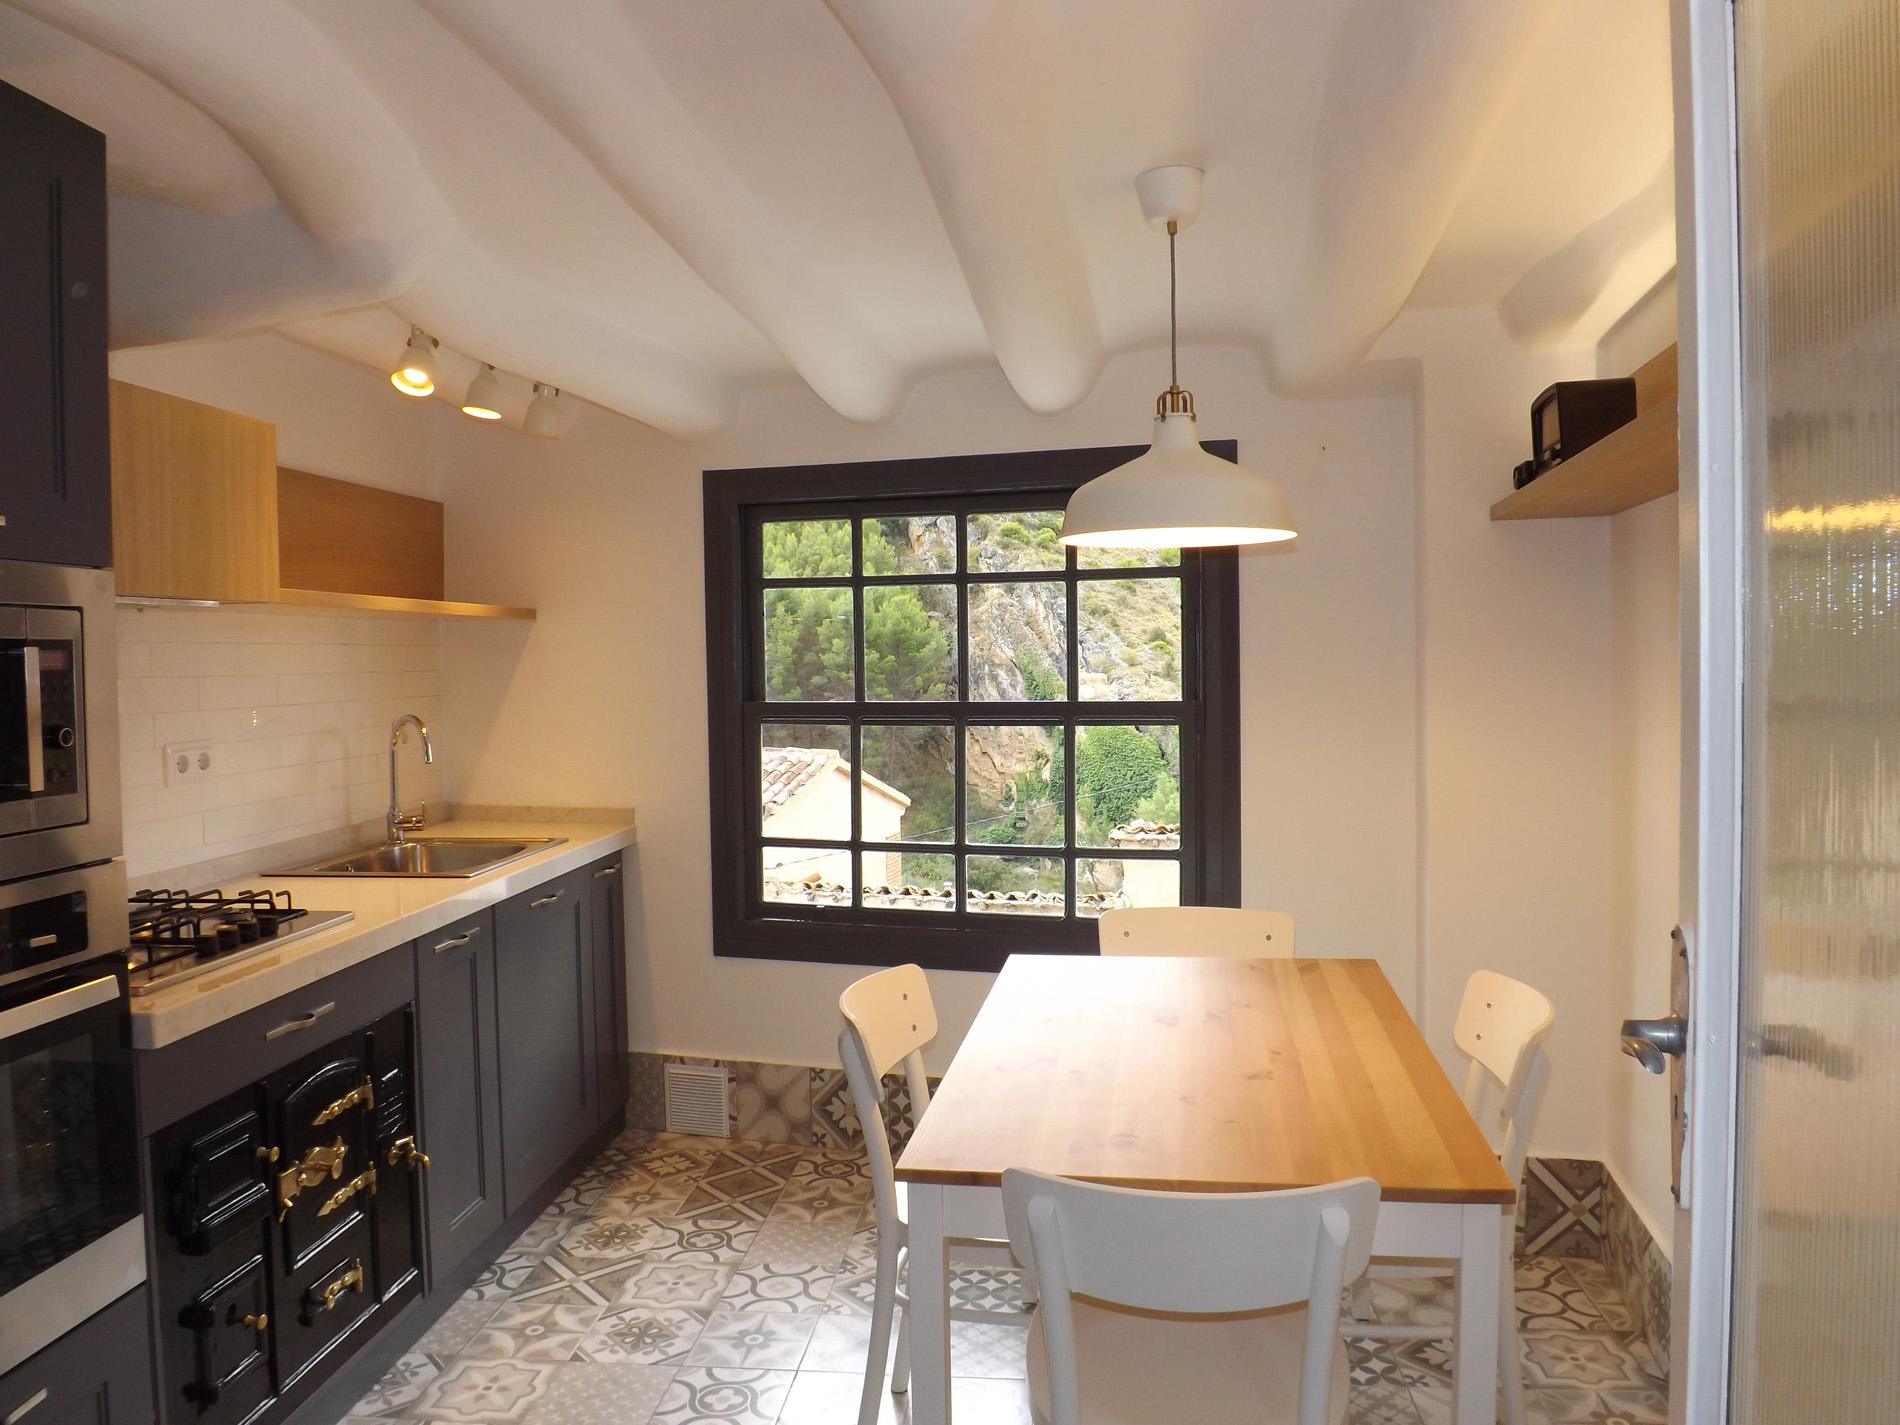 Cocina: Instalación y Mobiliario